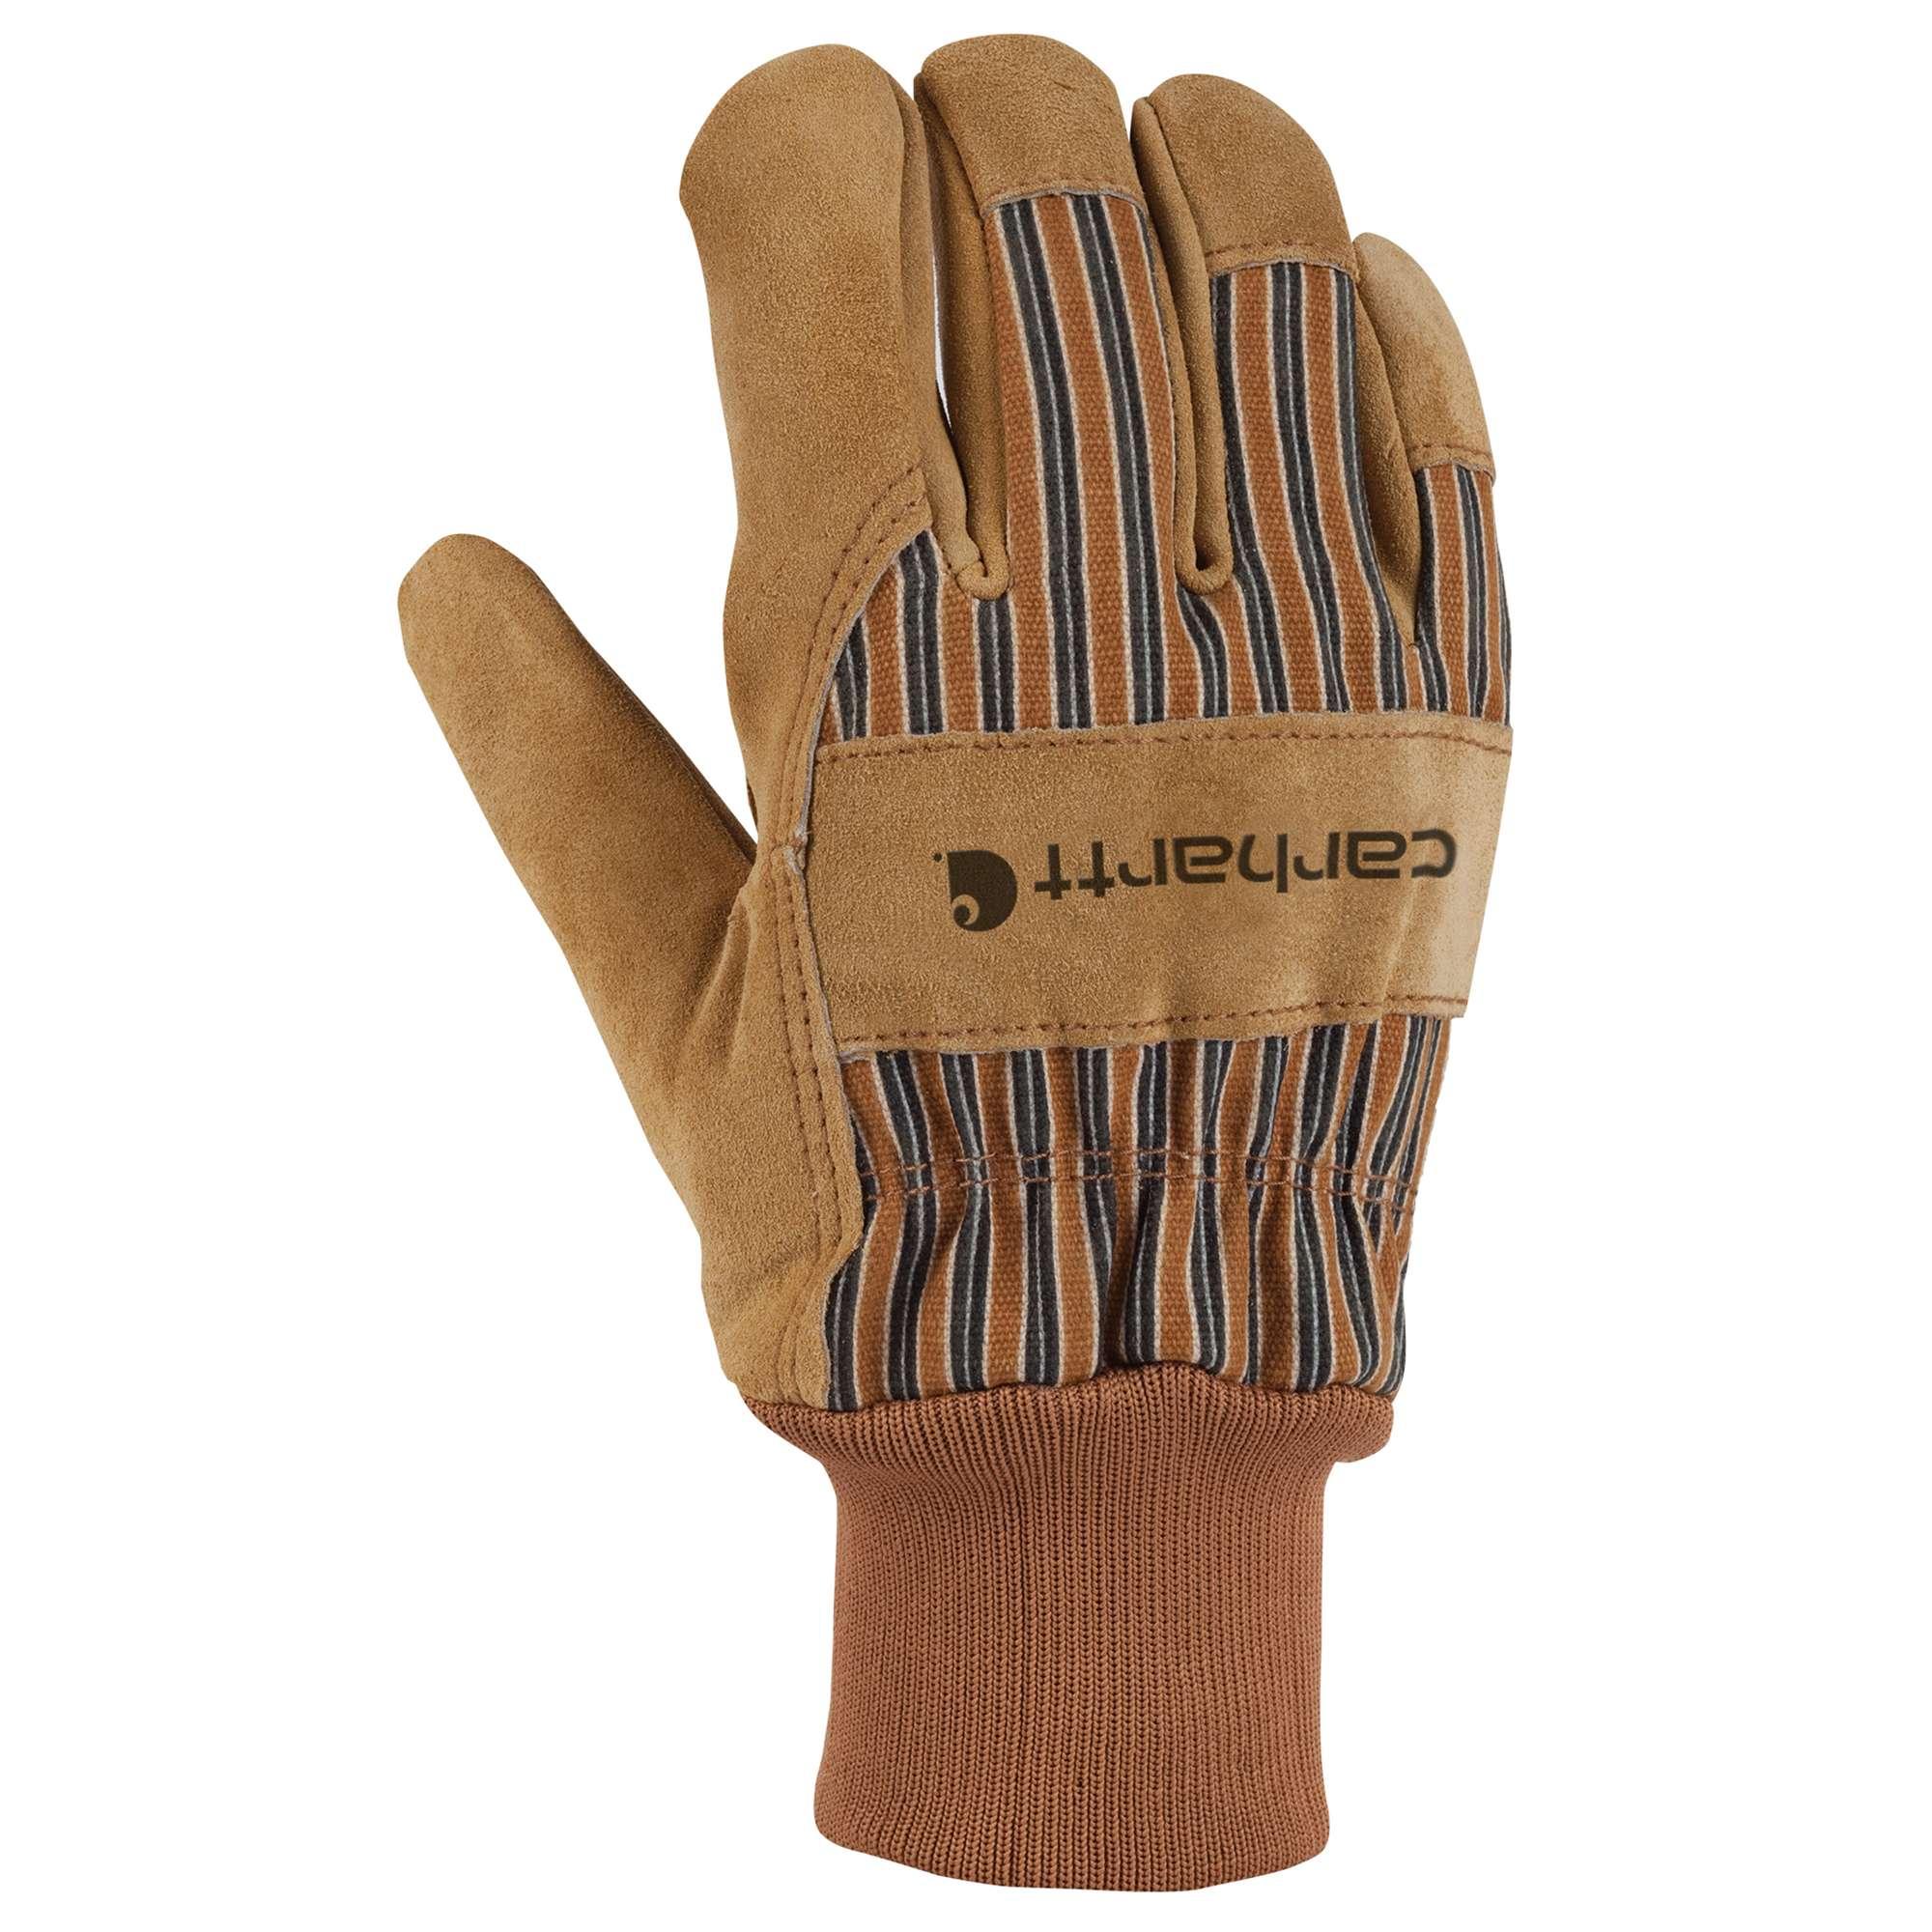 Carhartt Suede Knit Cuff Work Glove